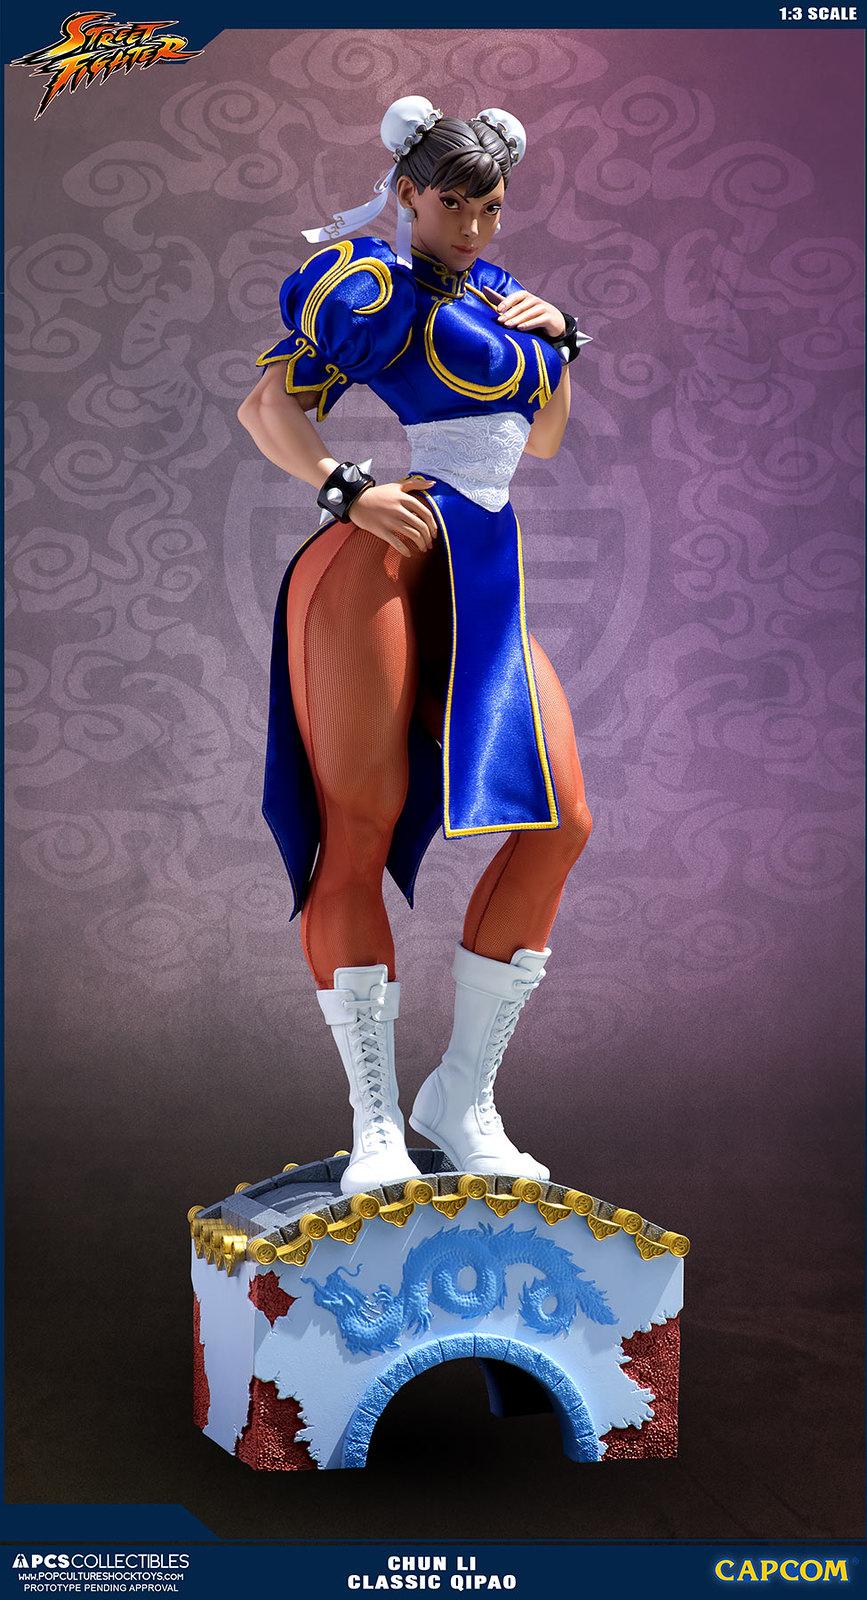 就是這個包頭!!Pop Culture Shock 【春麗】1/3比例雕像 經典旗袍限定版 CHUN LI 1:3 Statue Classic Qipao Exclusive